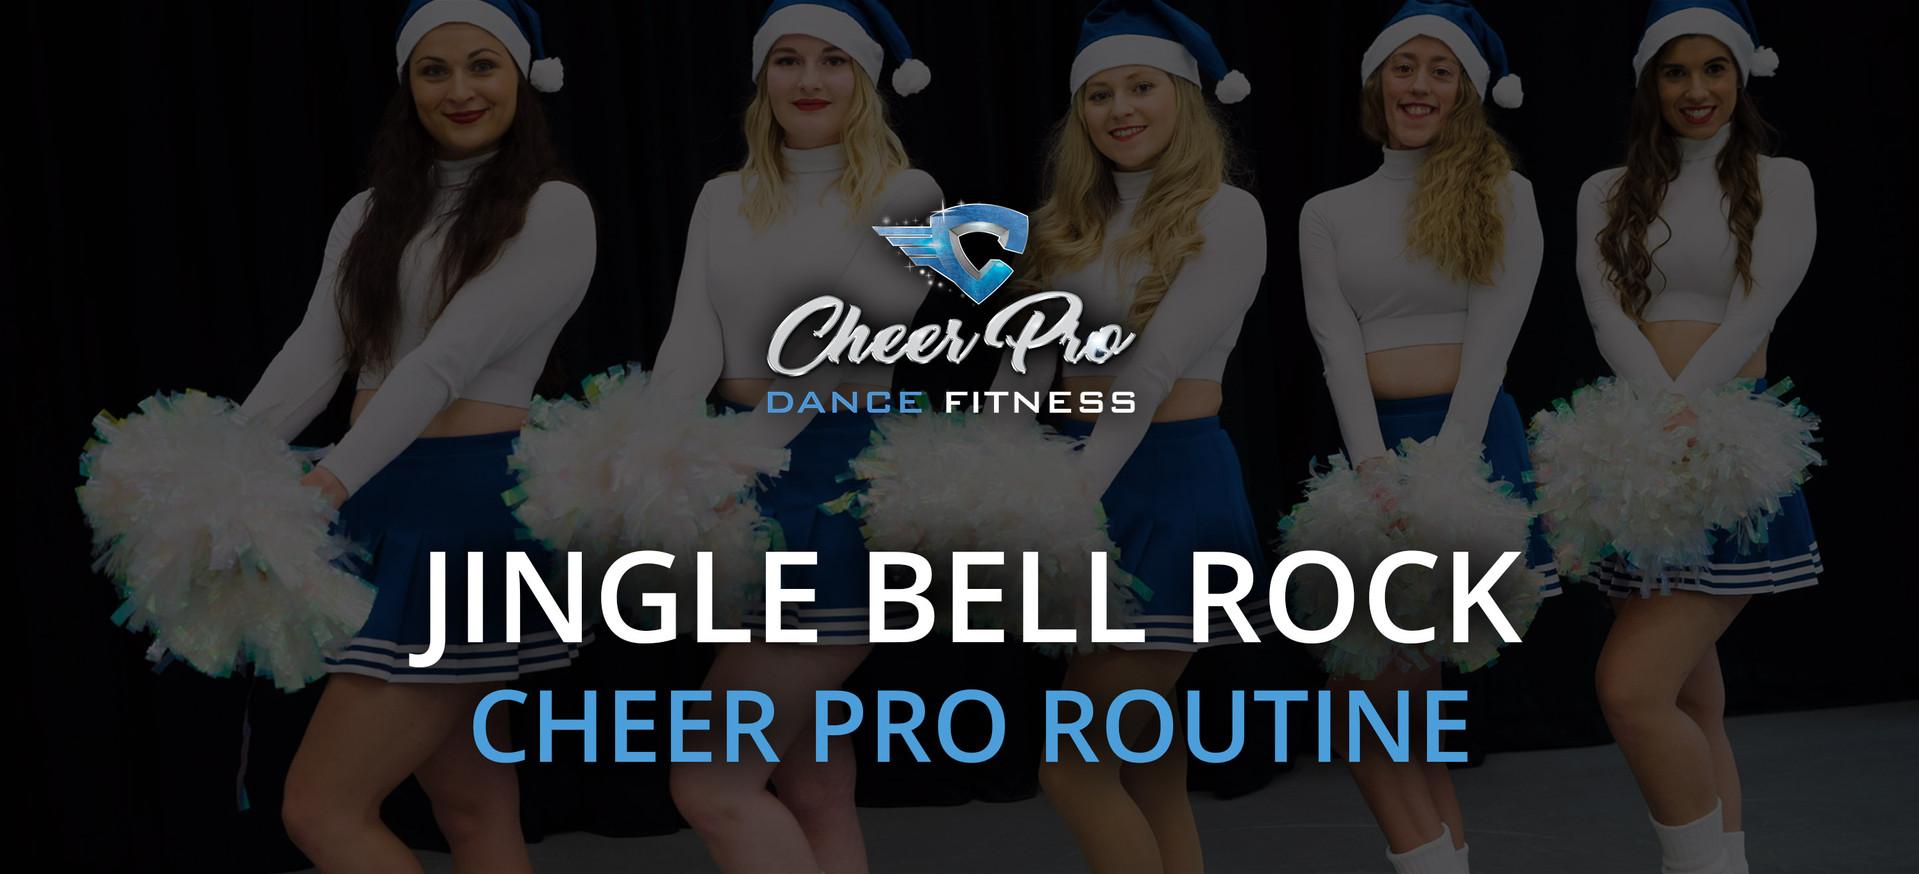 Cheer Dance